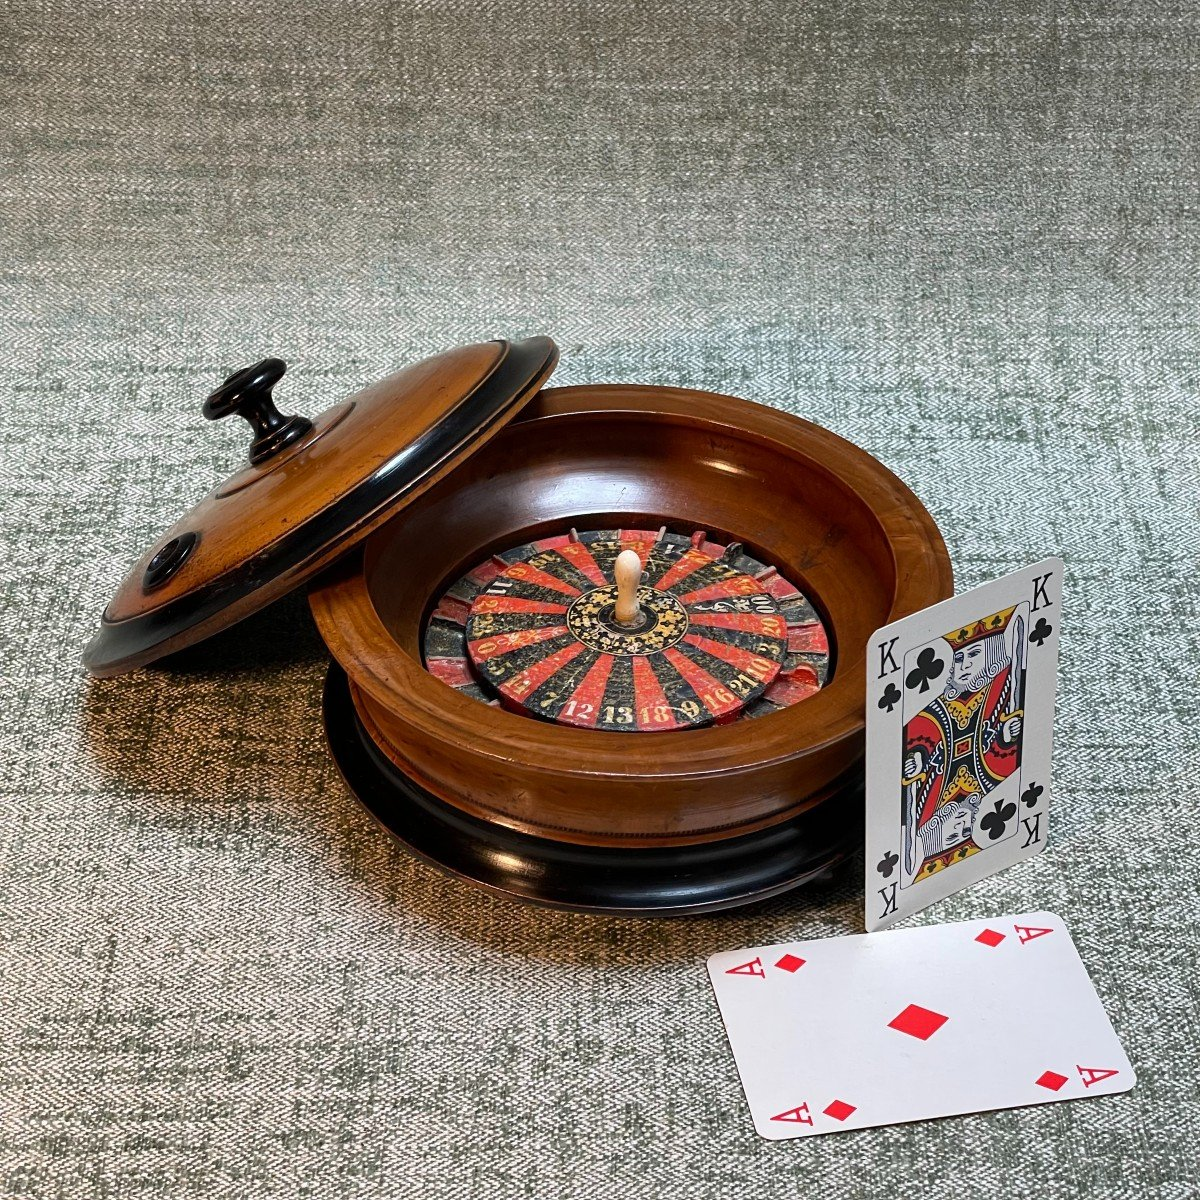 petite roulette de table 19ème